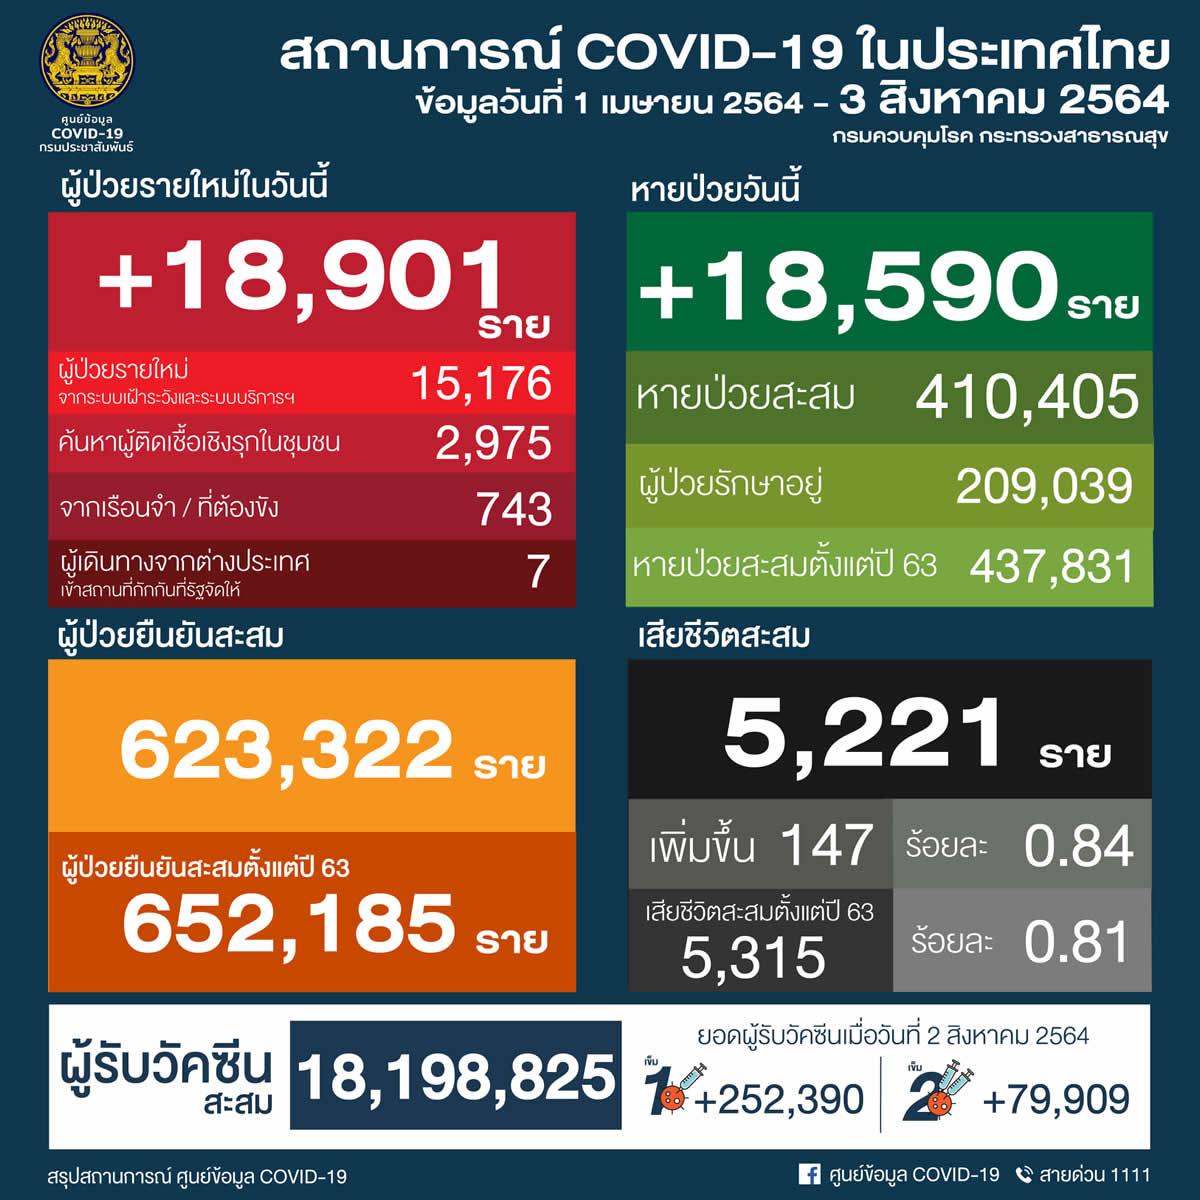 タイ 18,901人陽性/バンコク3,611人/サムットプラカーン1,426人/チョンブリ1,359人[2021年8月3日発表]